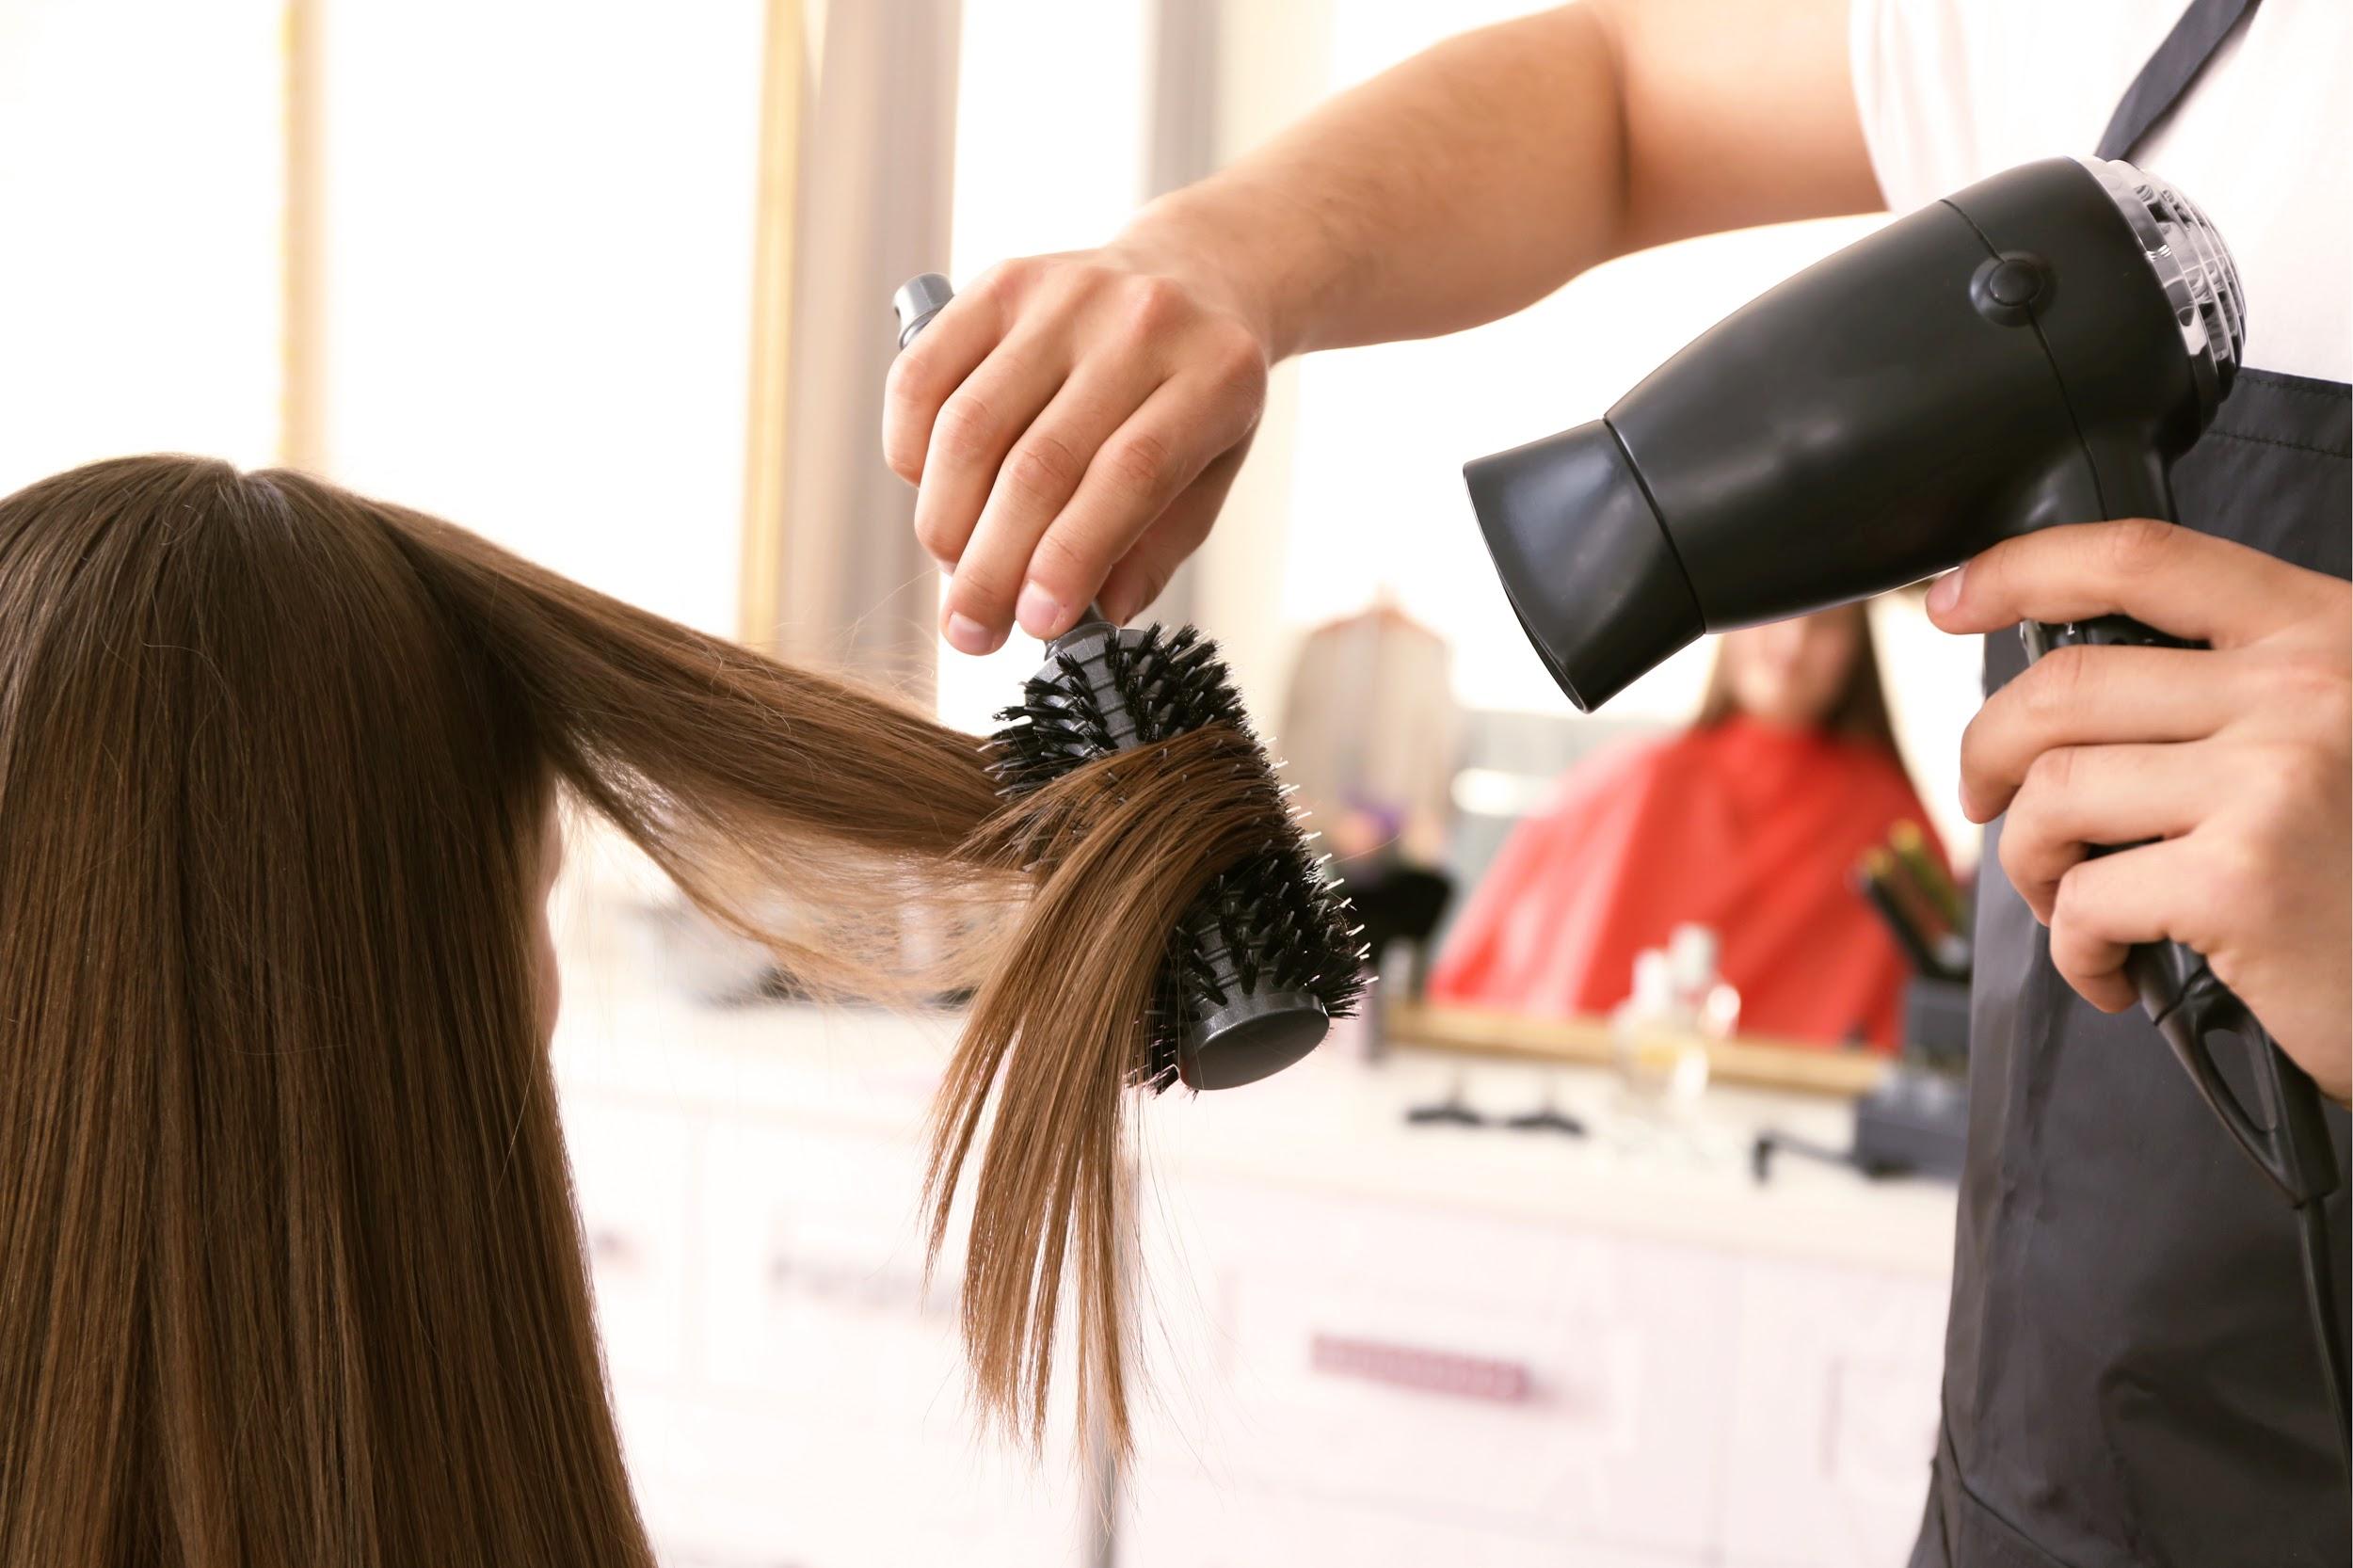 美容師を長く続けるために!気を付けたい美容室選びのポイント